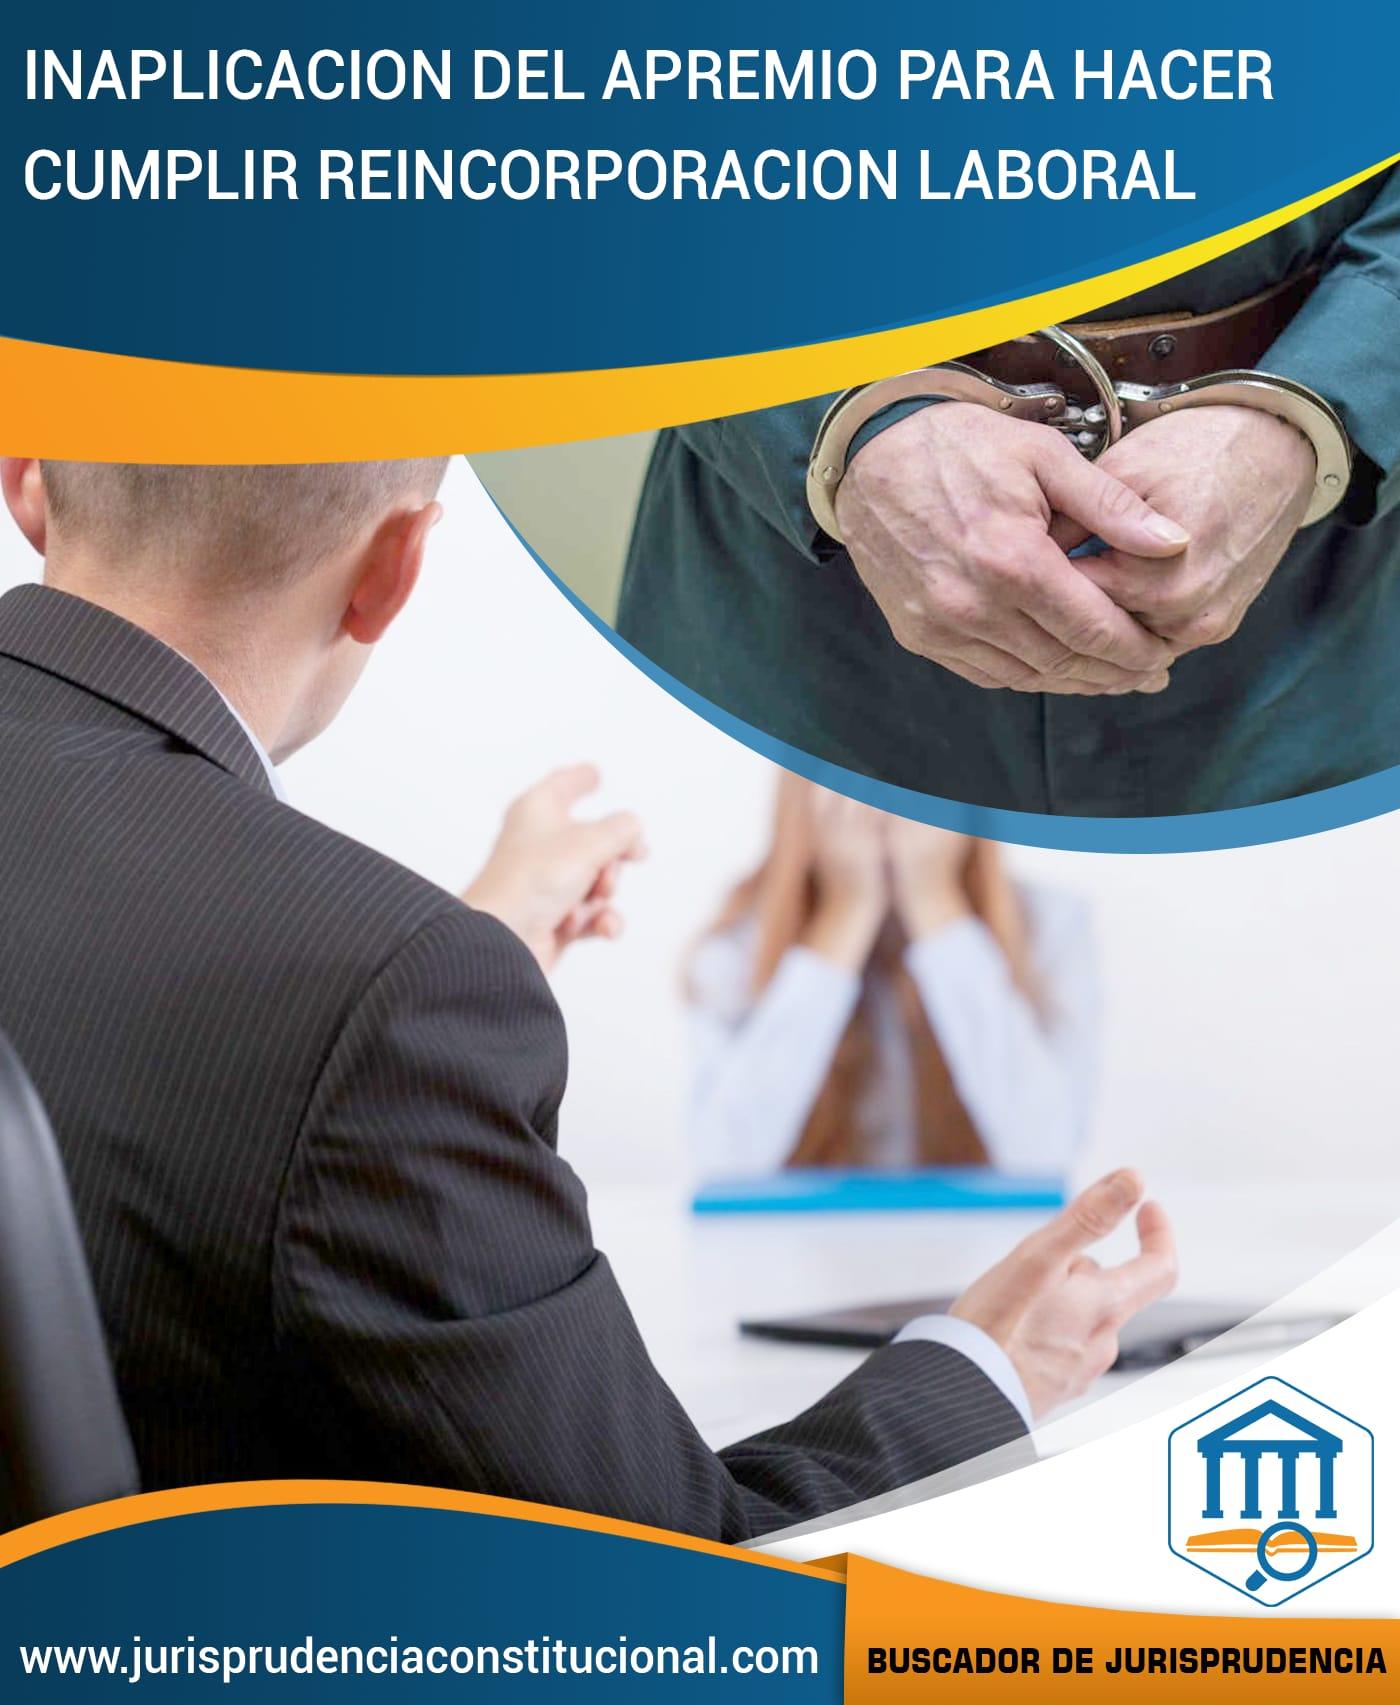 INAPLICACIÓN DE APREMIO PARAHACER CUMPLIR SENTENCIAS LABORALES DE REINCORPORACIÓN